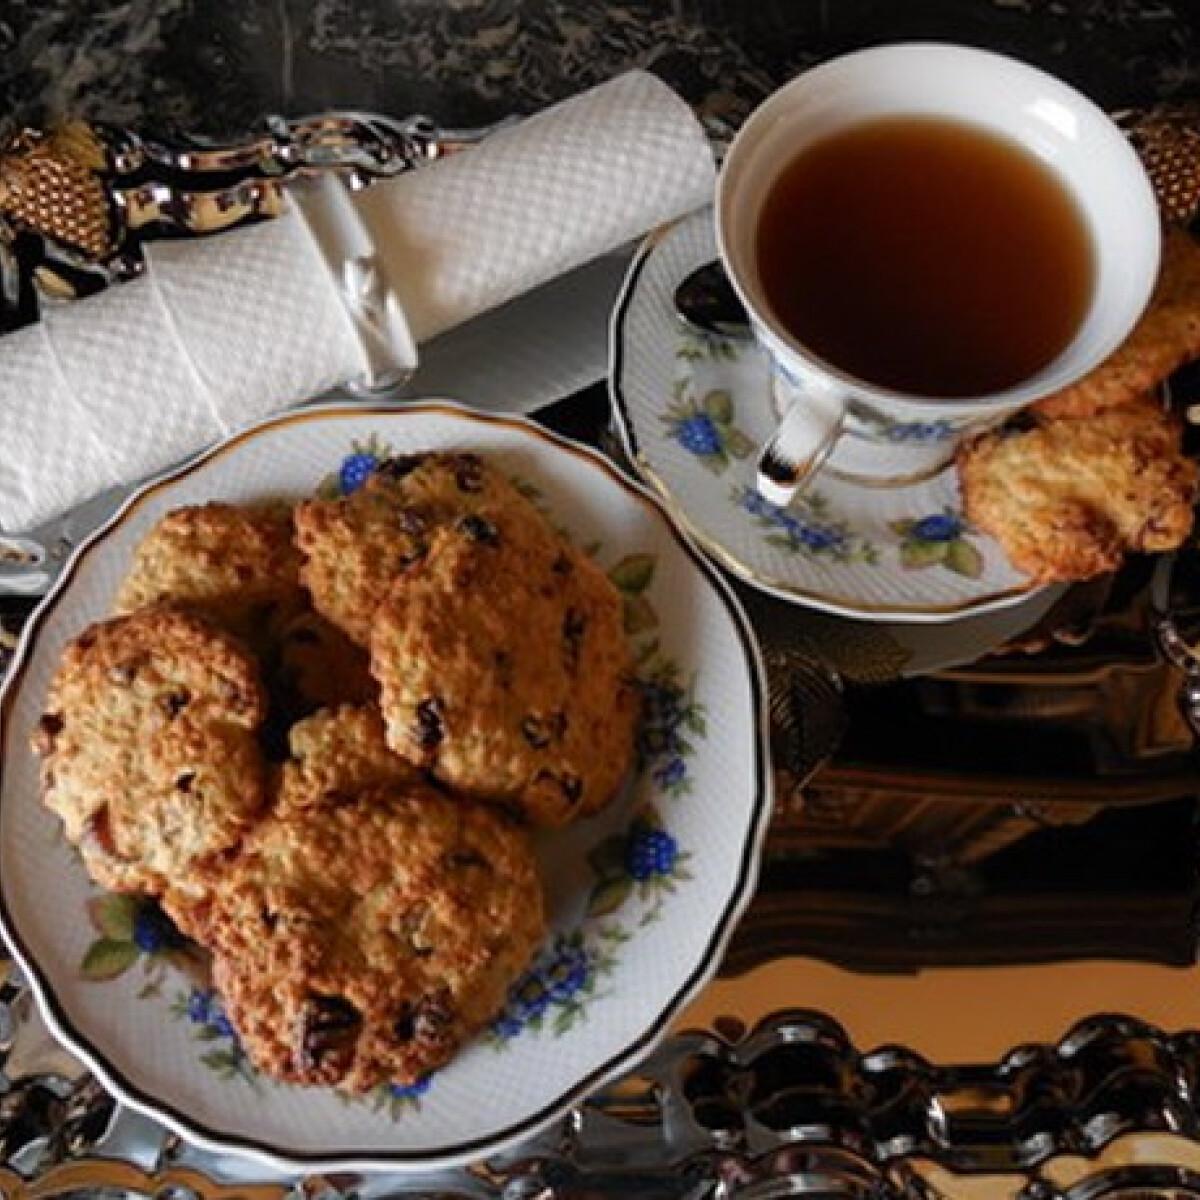 Ezen a képen: Zabpelyhes cookie tea kávé mellé